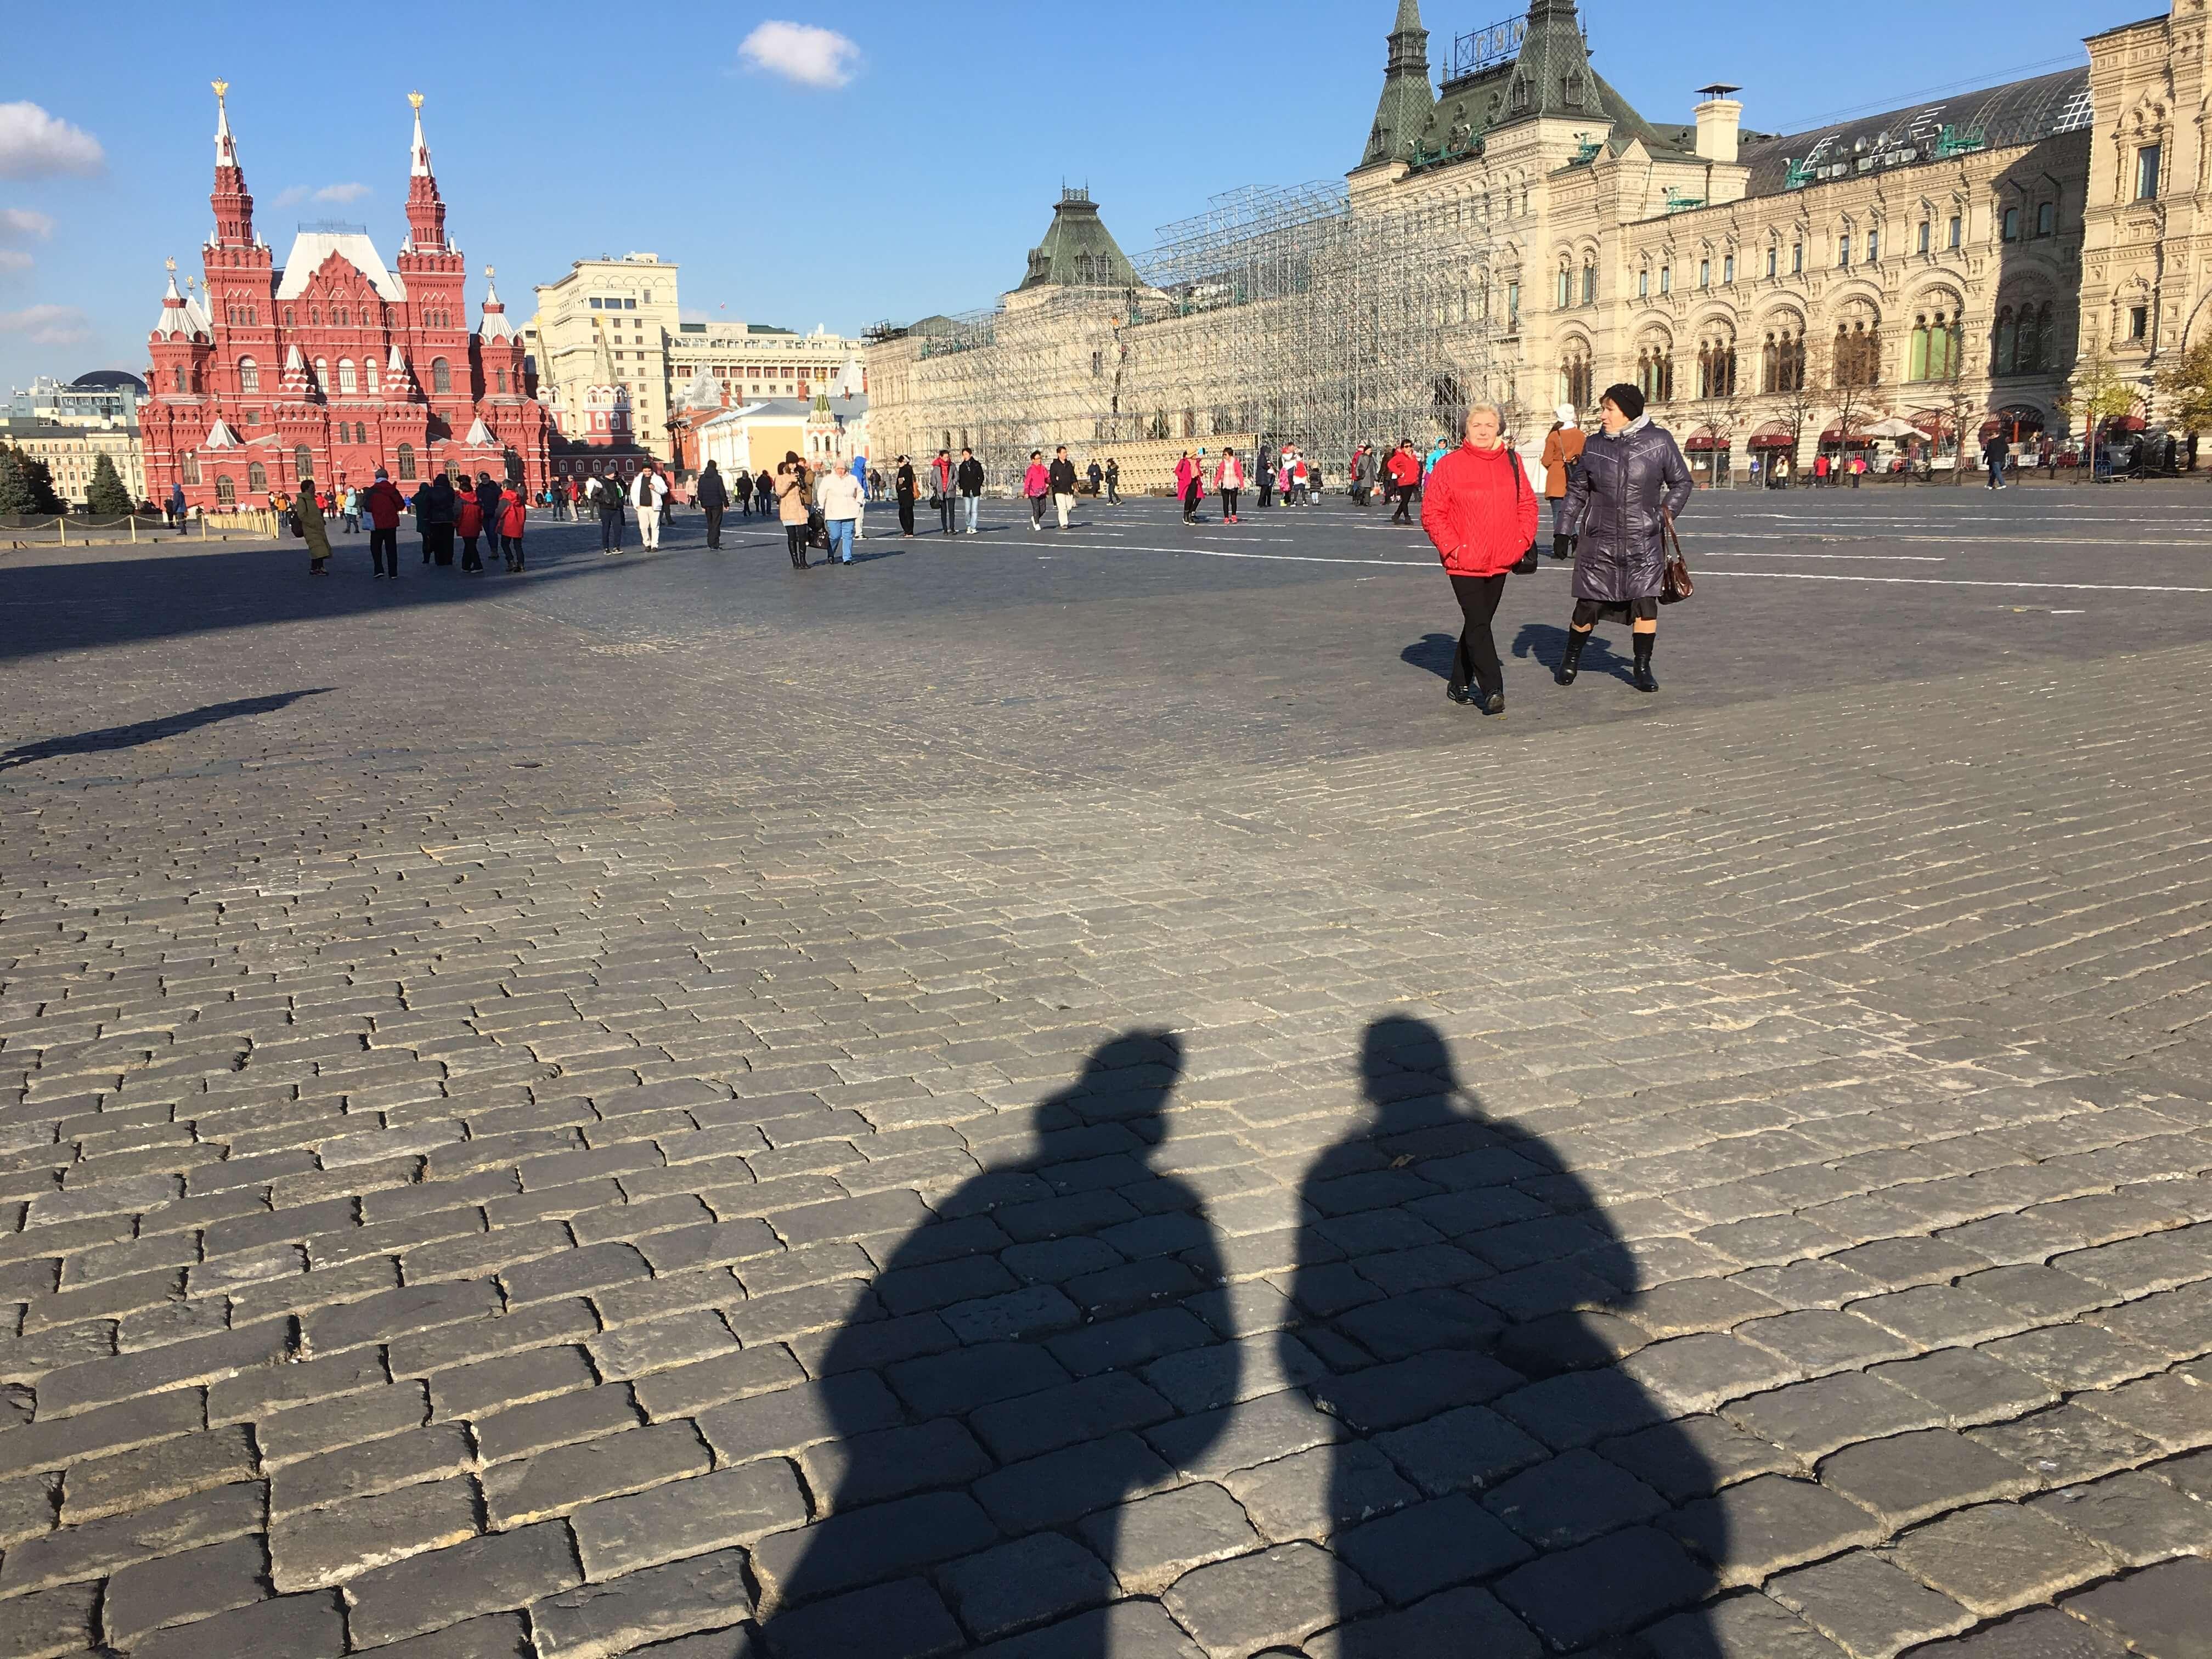 GOTOキッチン「ロシア旅行をご家庭に、ピロシキを作ろう!」